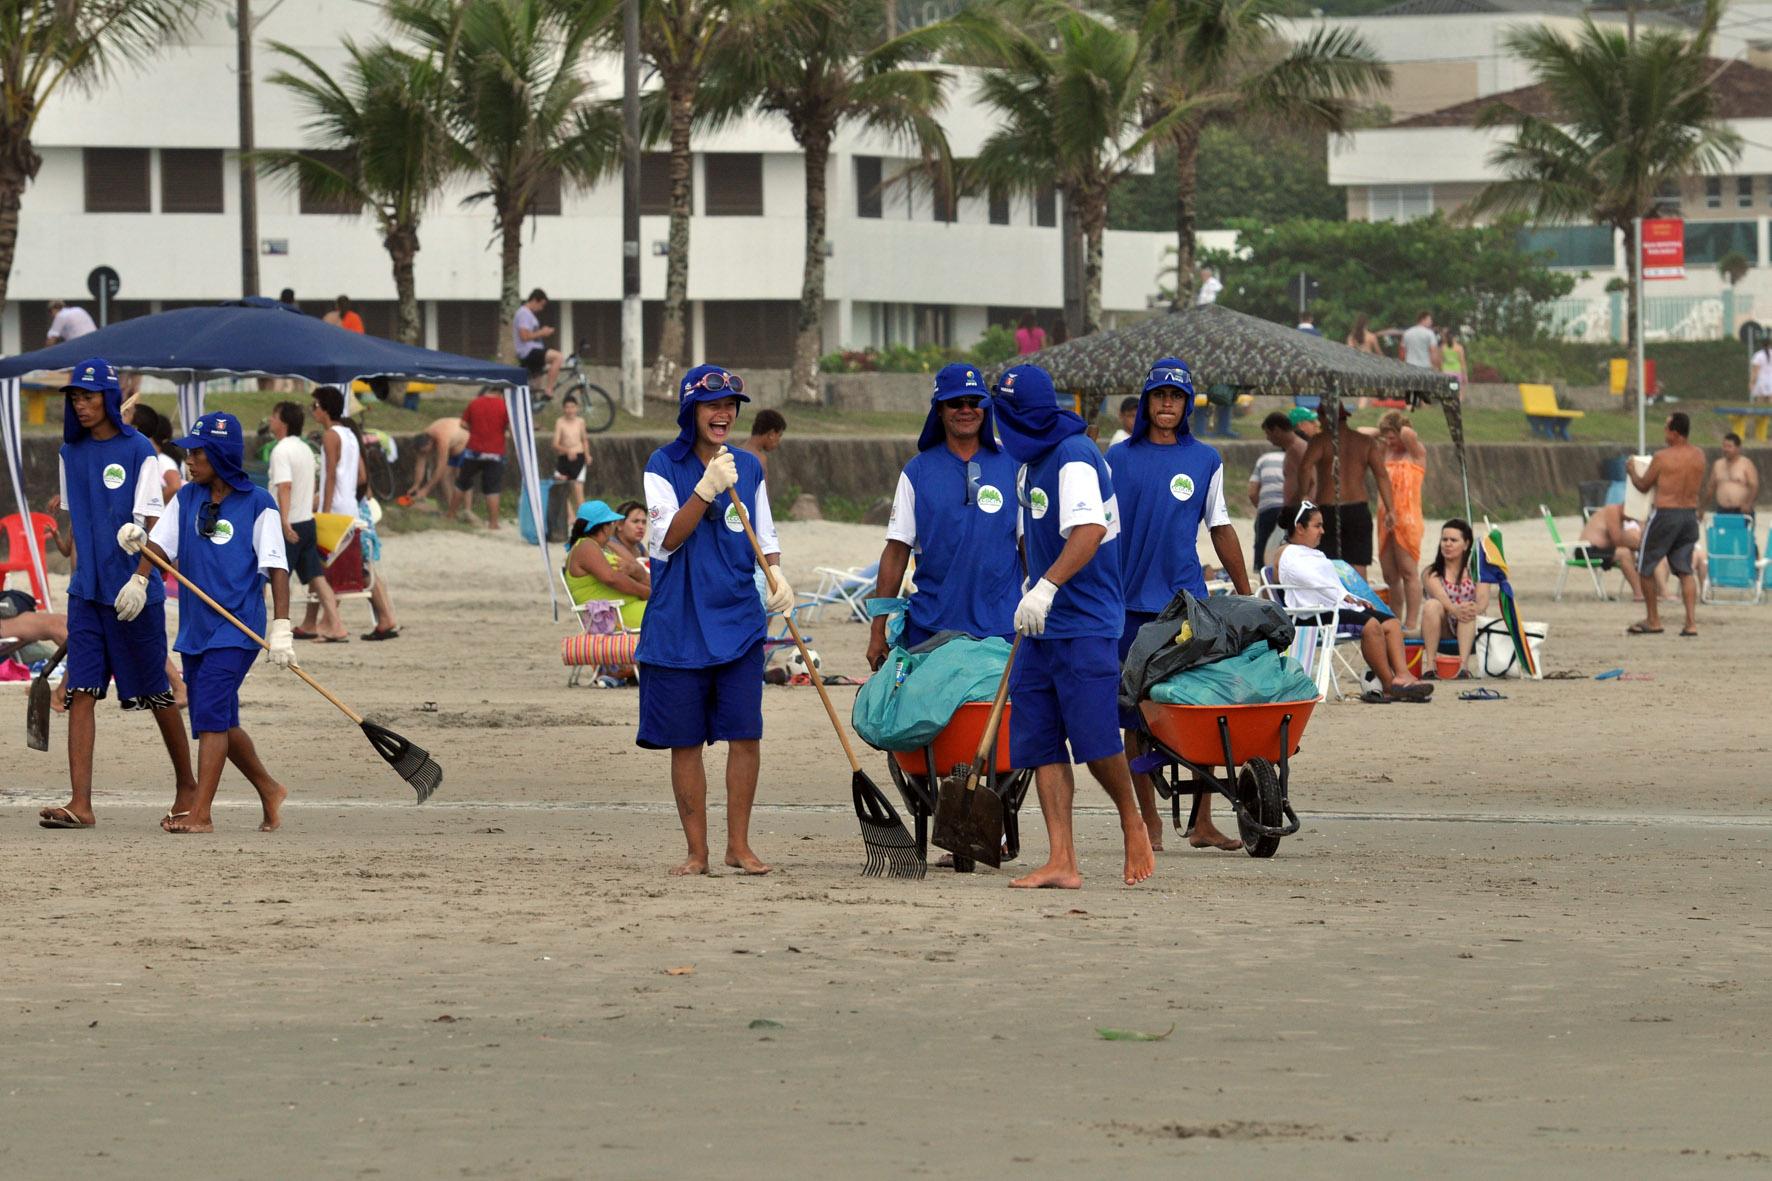 Limpeza Praia de Guaratuba 05.01.12. Foto Chuniti Kawamura/AENoticia.